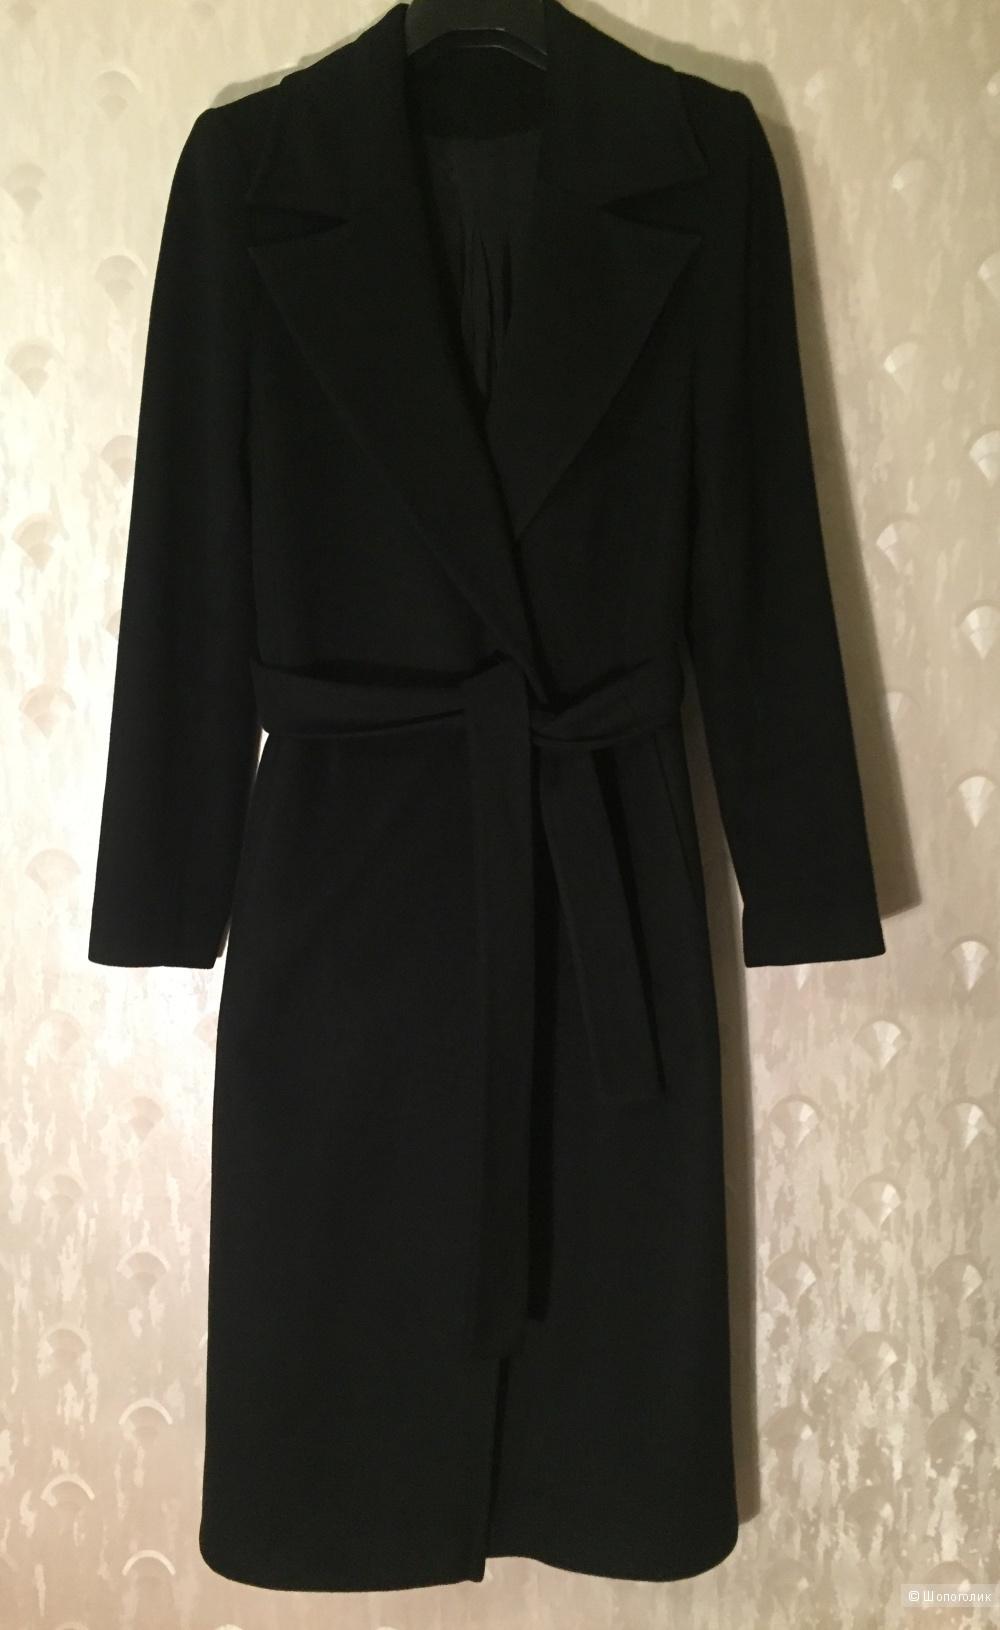 Черное осеннее пальто московской фабрики  Vesh, размер 44-46